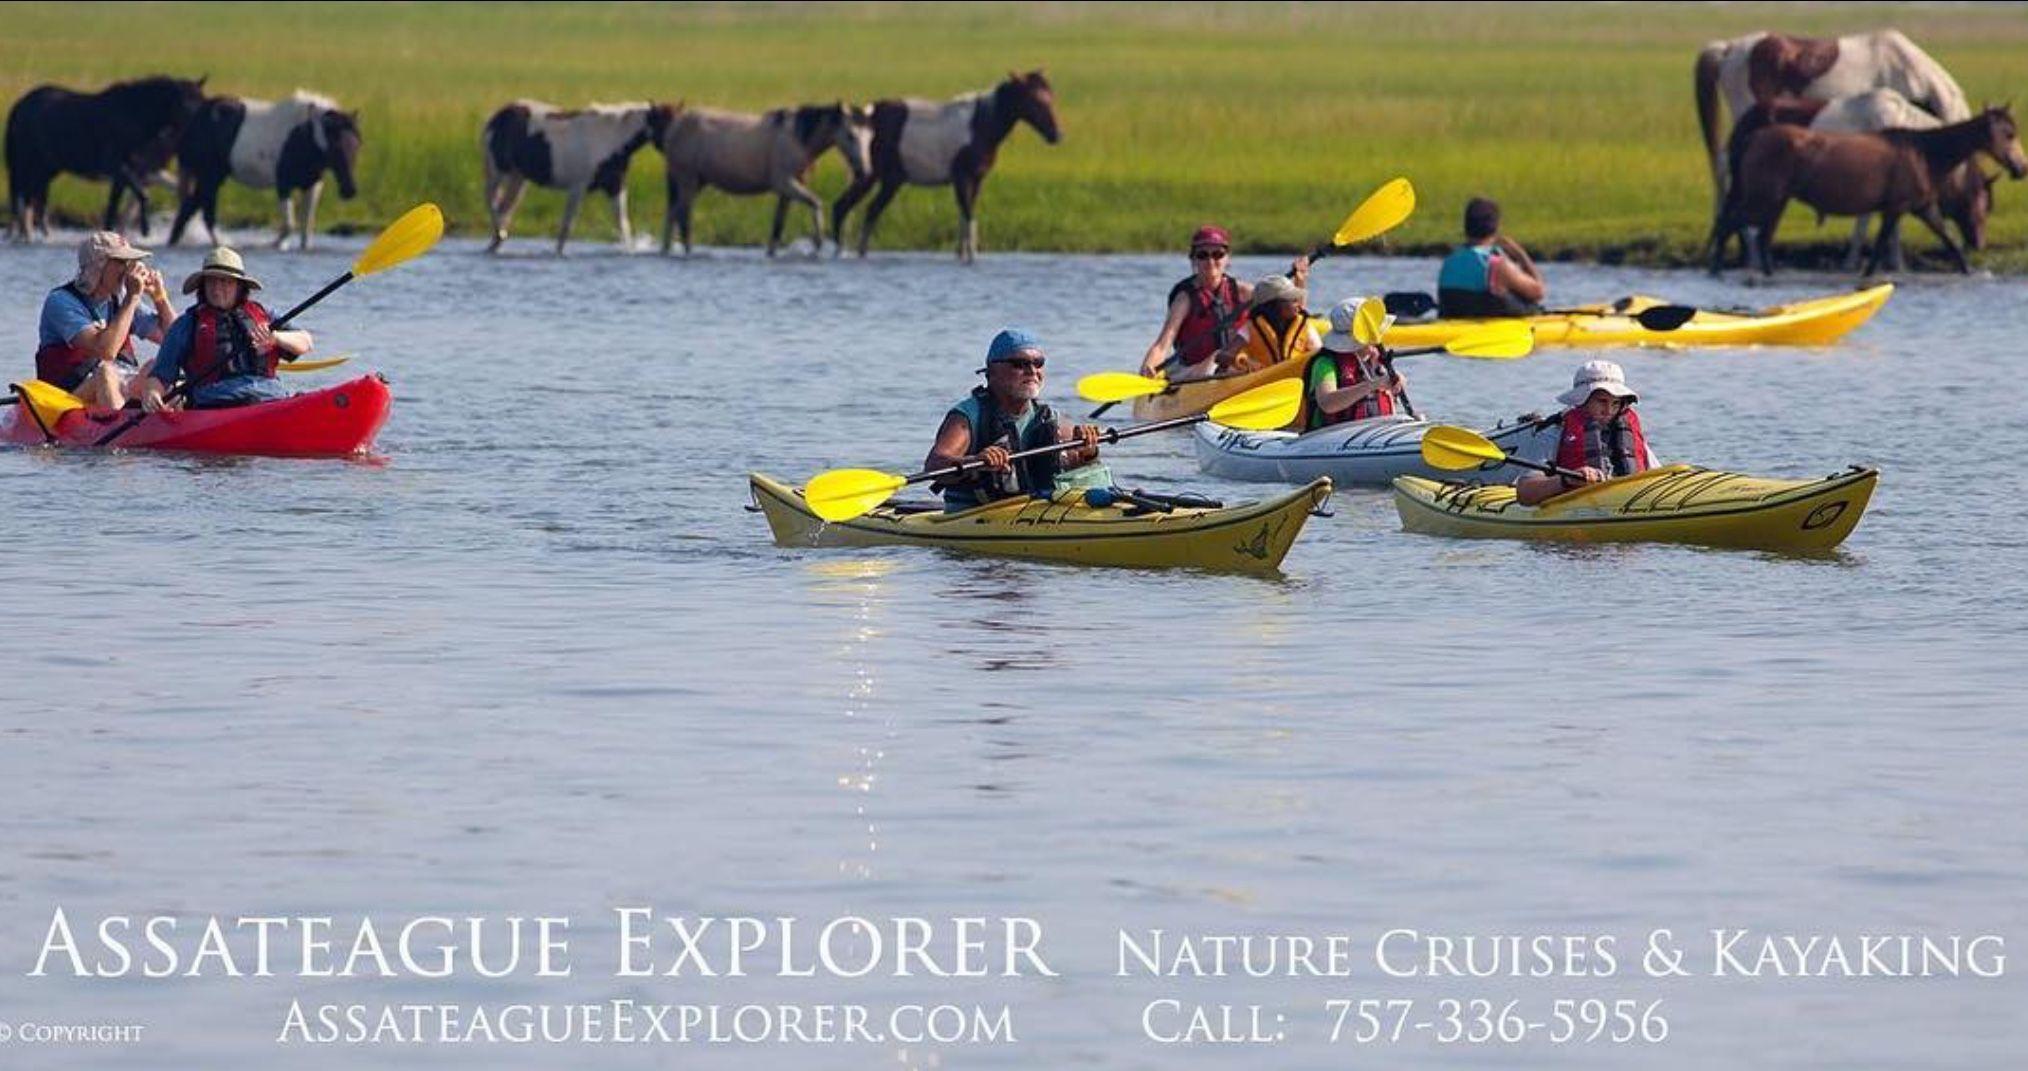 Assateague explorer kayak tours depart from 7470